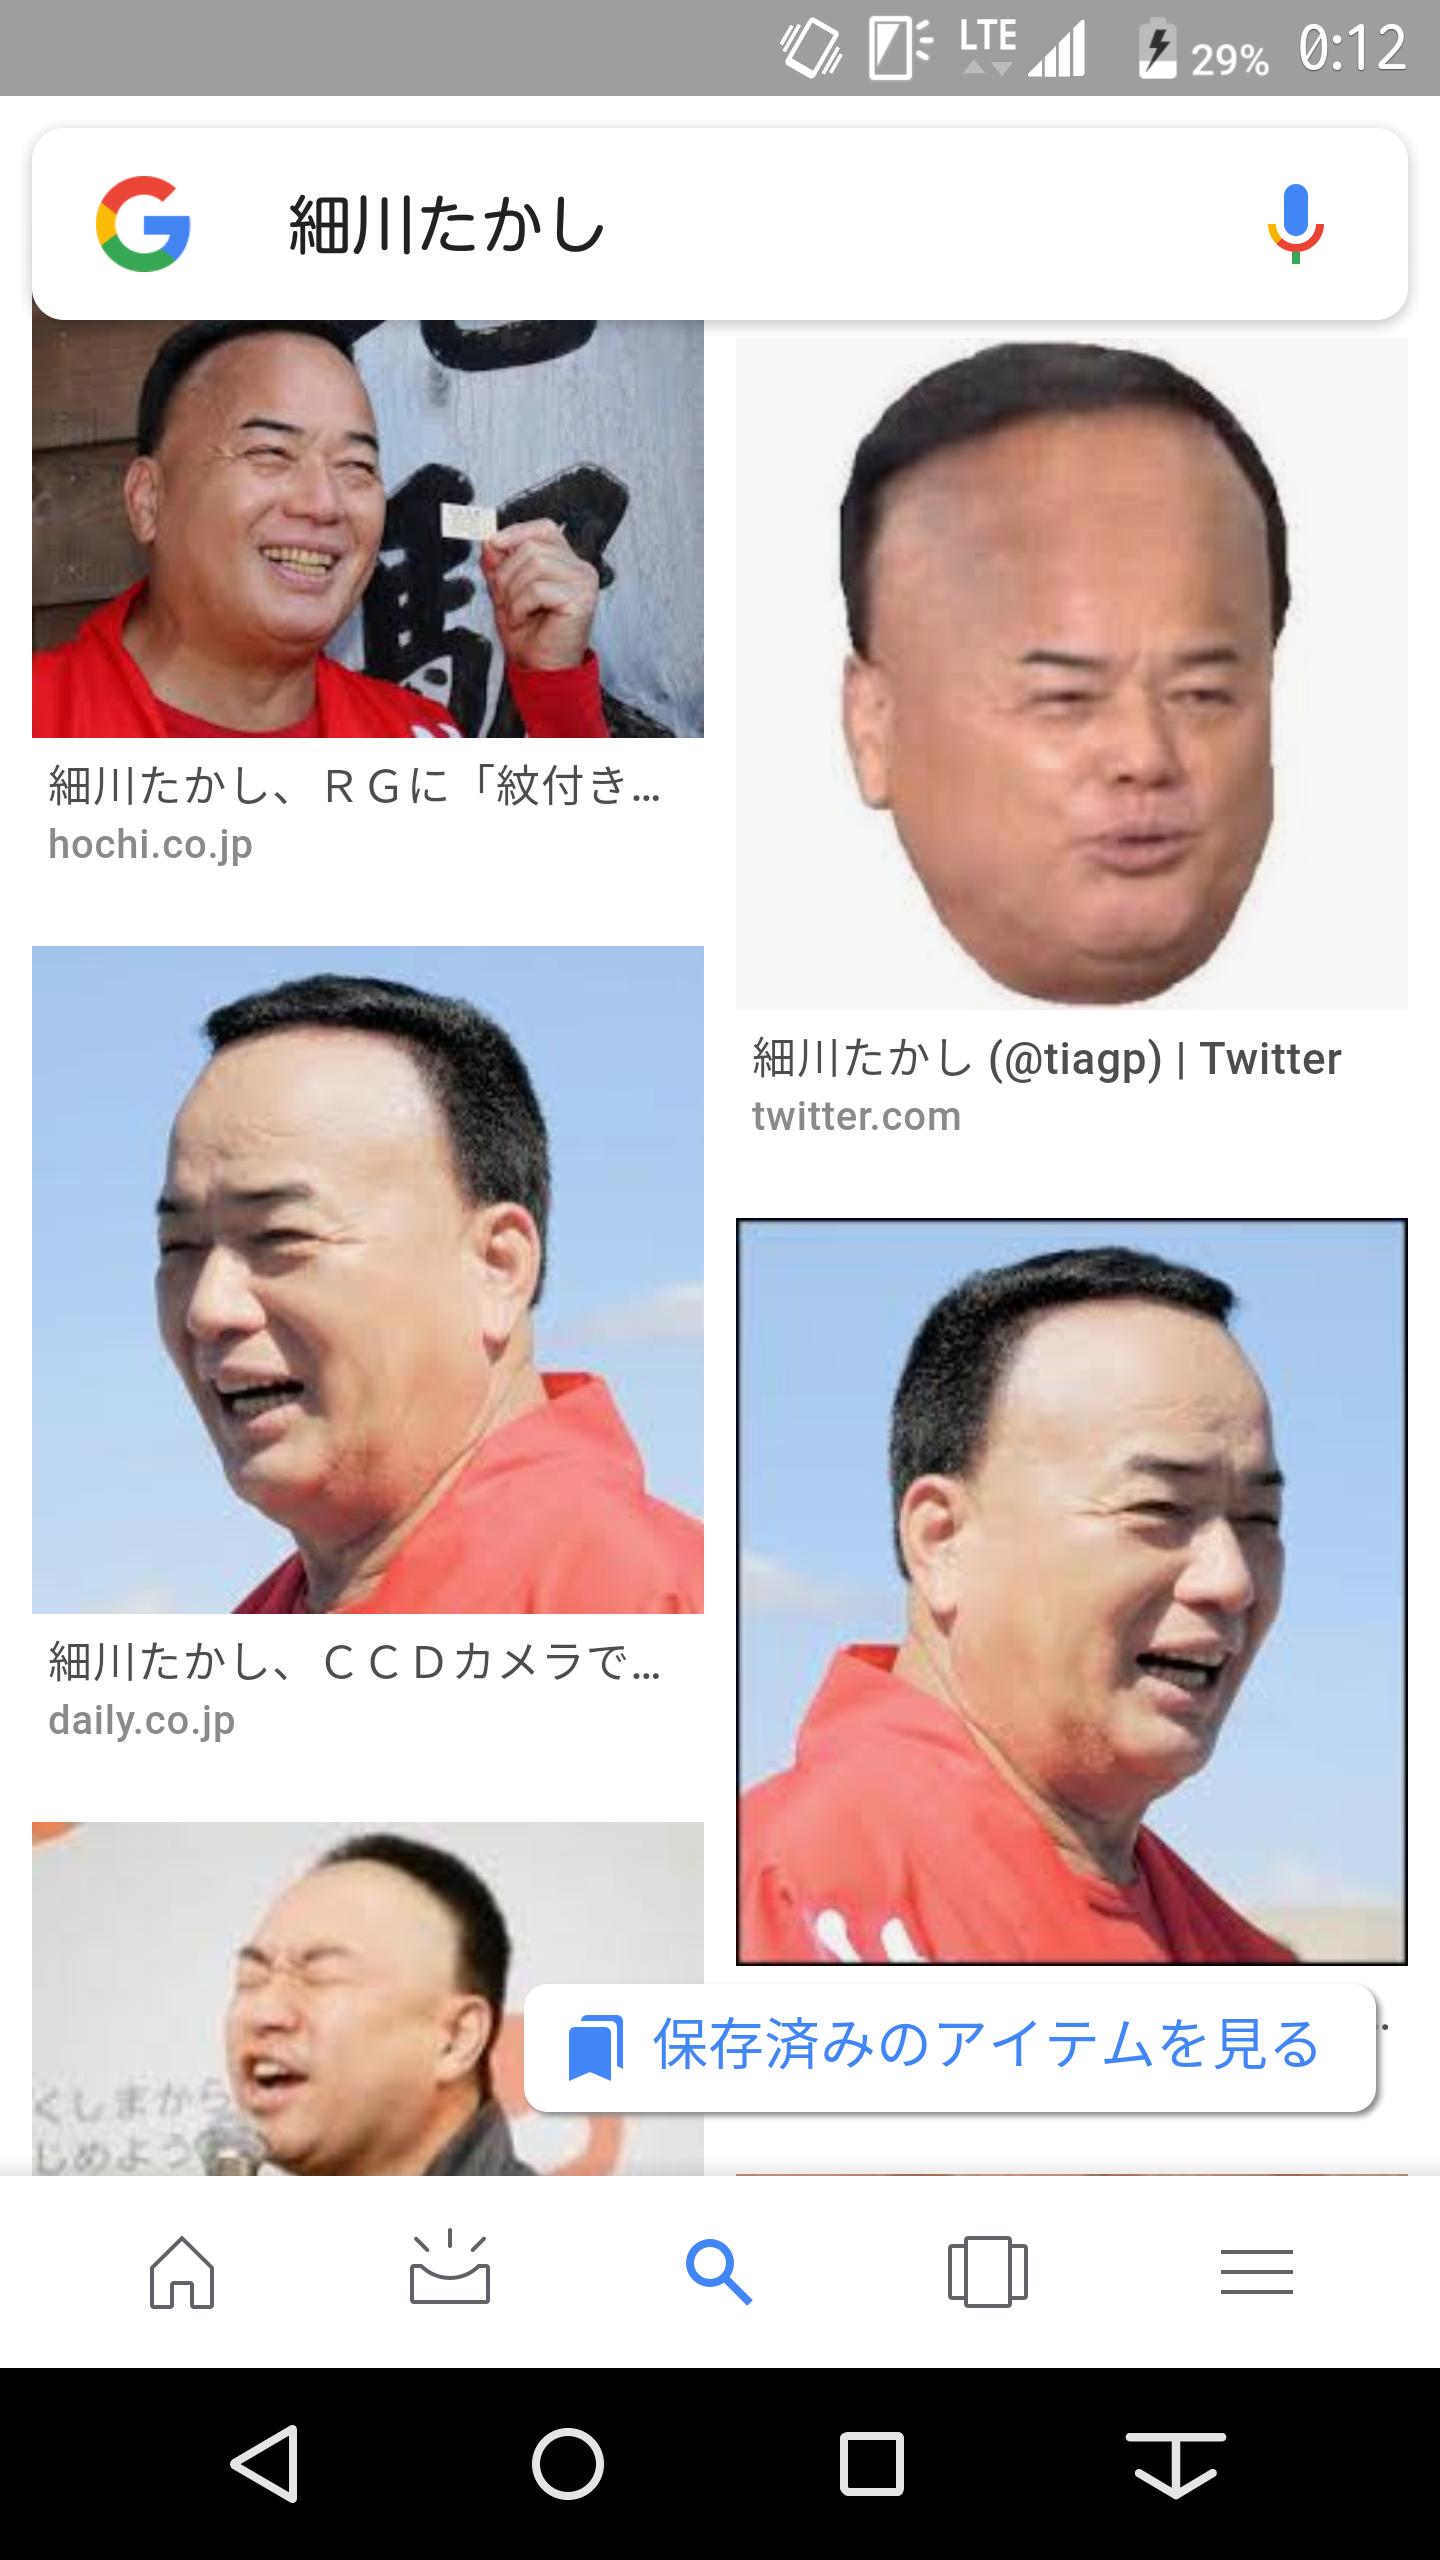 ネタトピ、ガルちゃん新喜劇